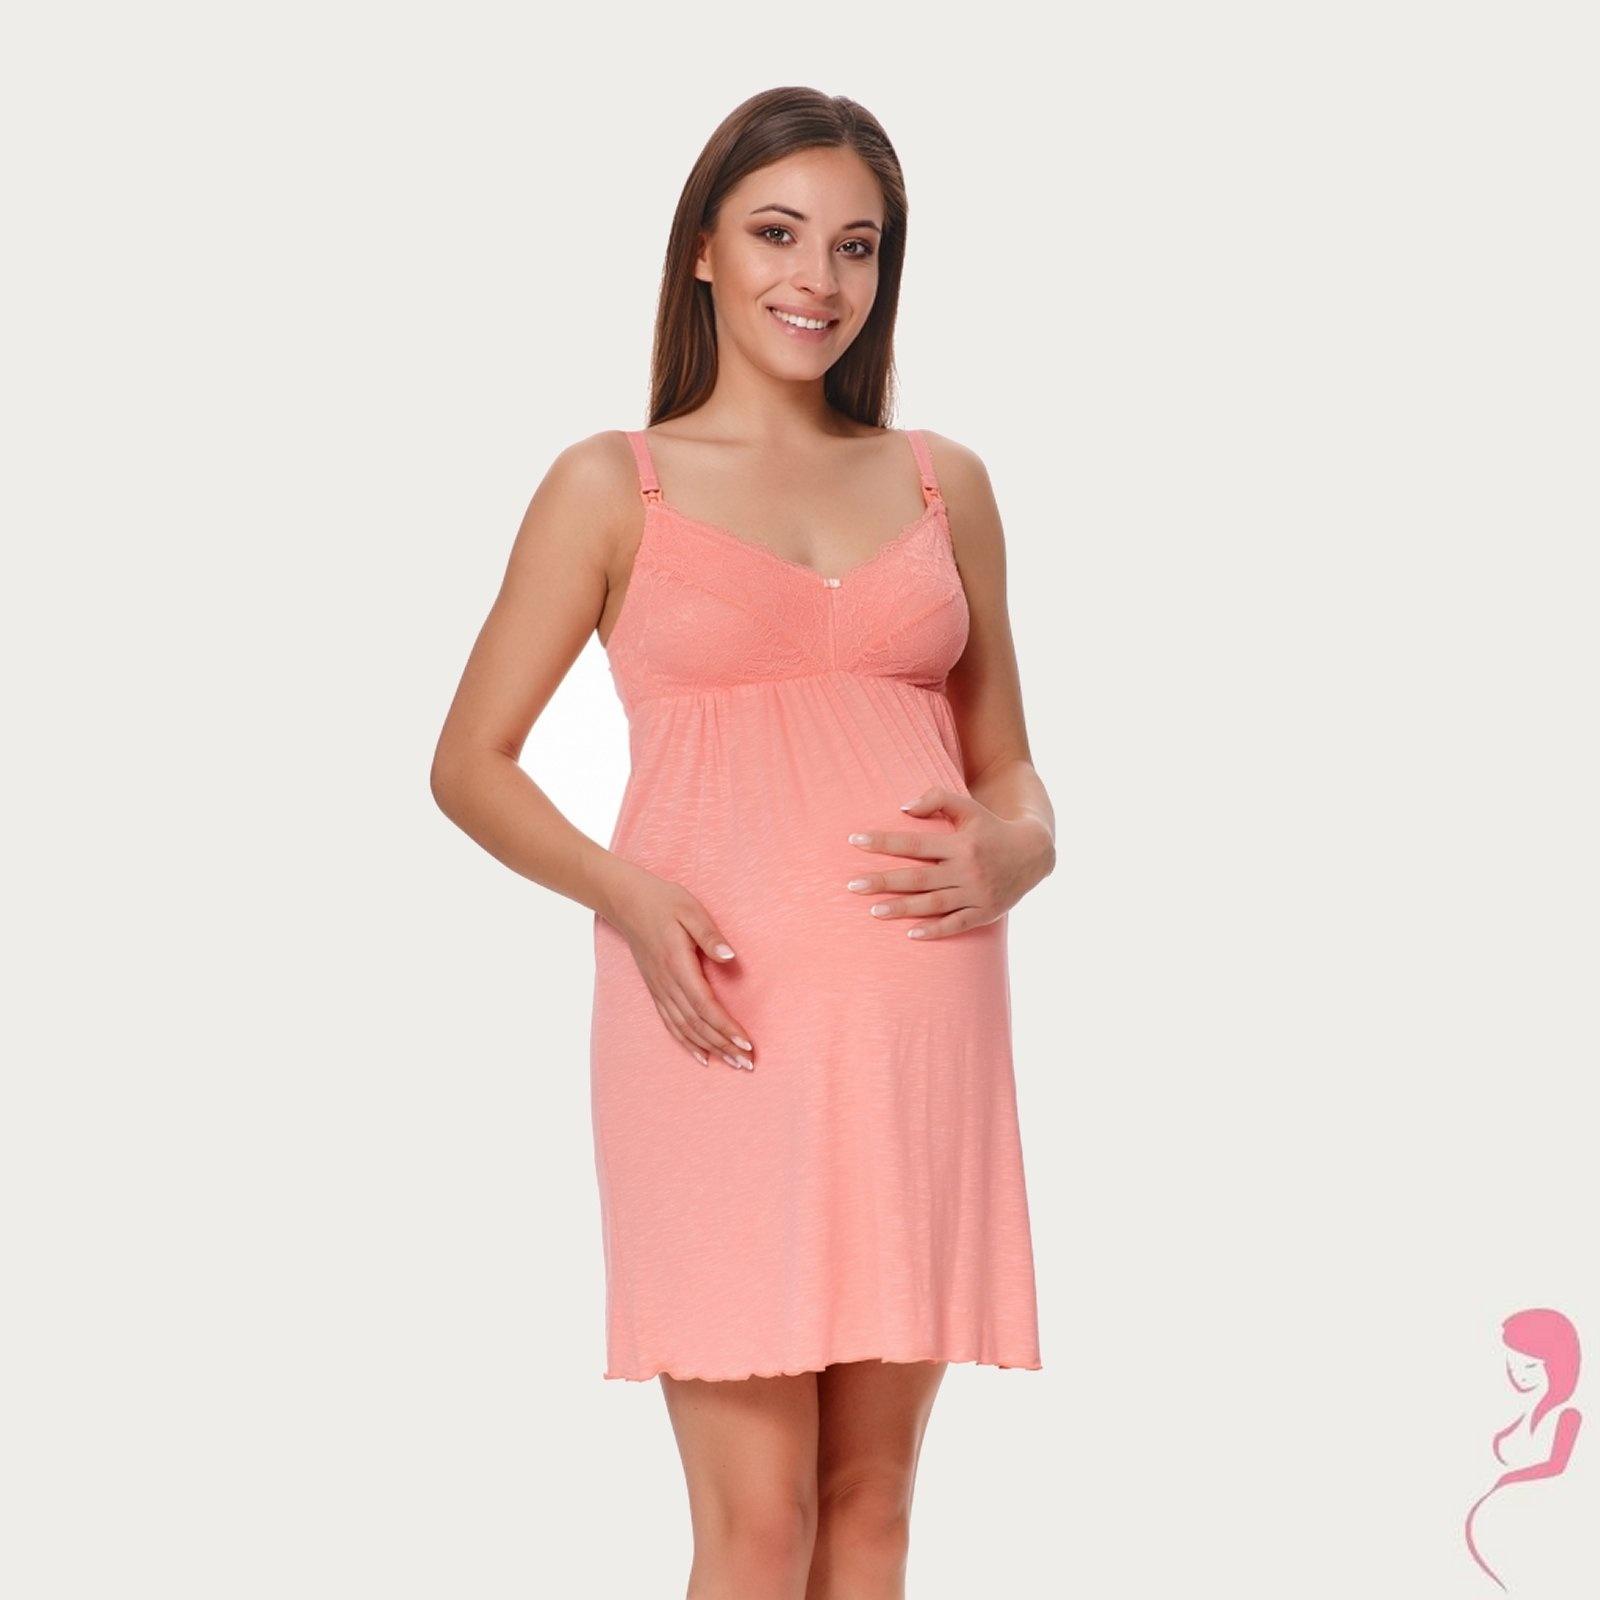 Lupoline Zwangerschapsjurk - Voedingsjurk Peachy